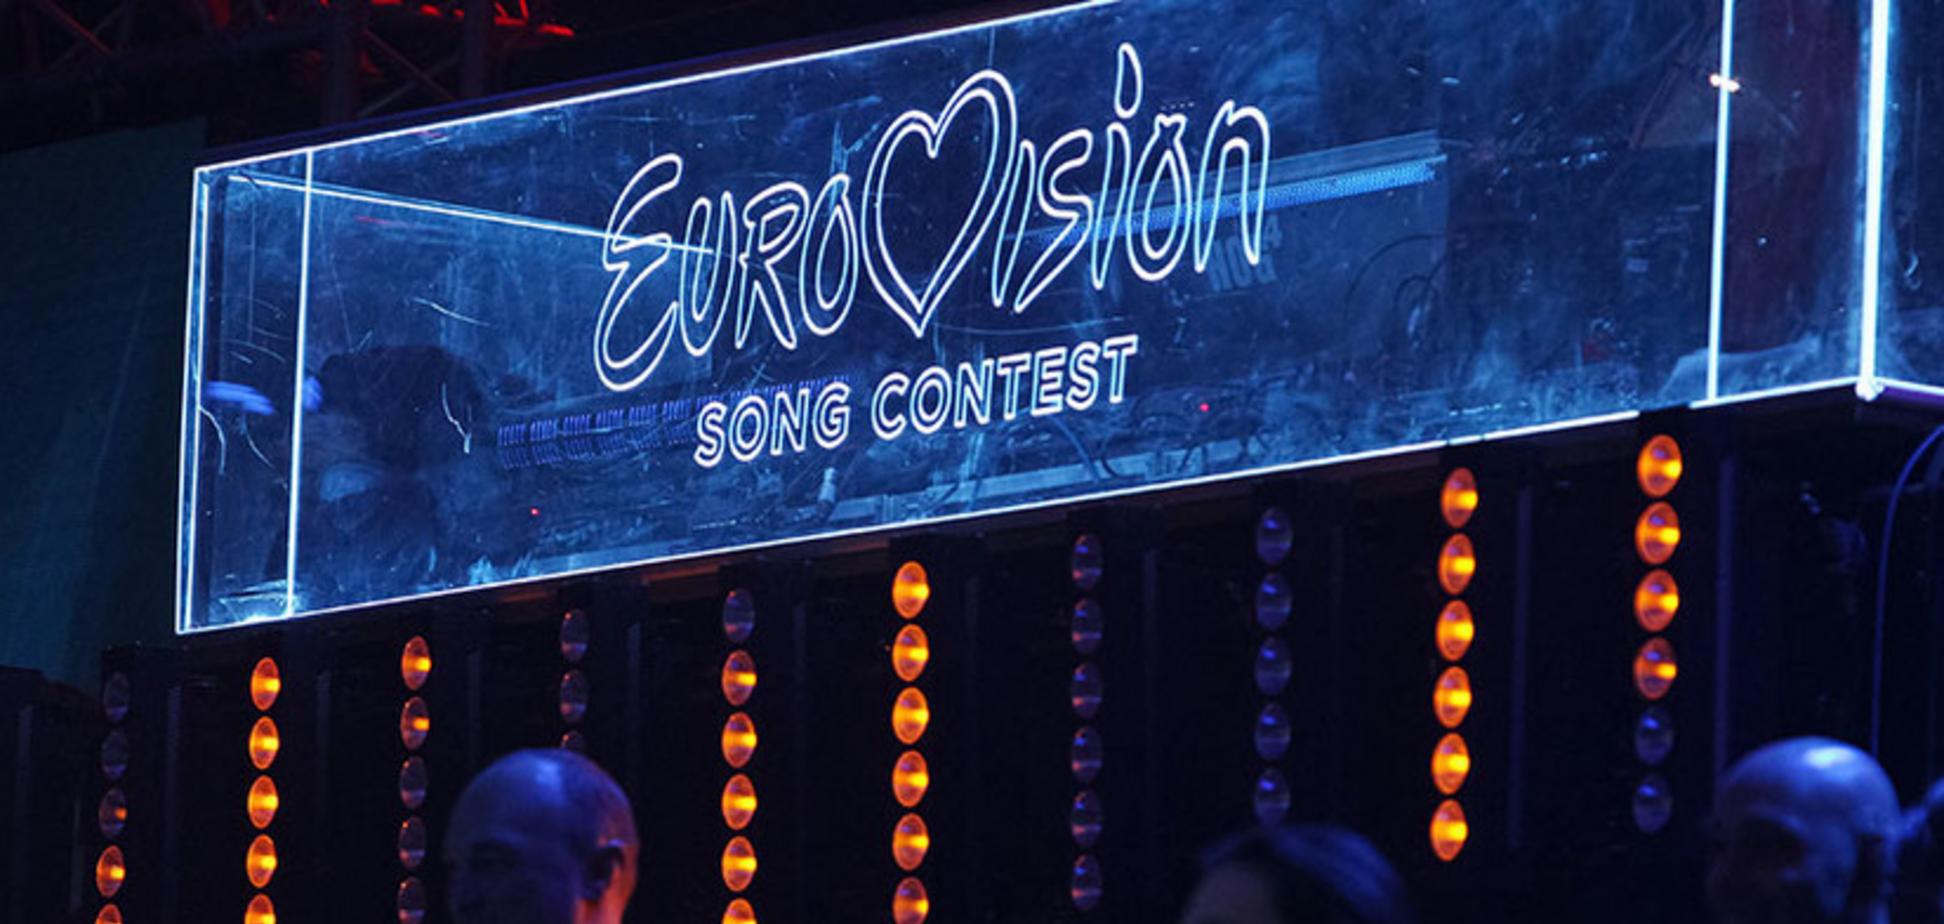 В Україні покажуть Євробачення 2020 онлайн: дата і де дивитися